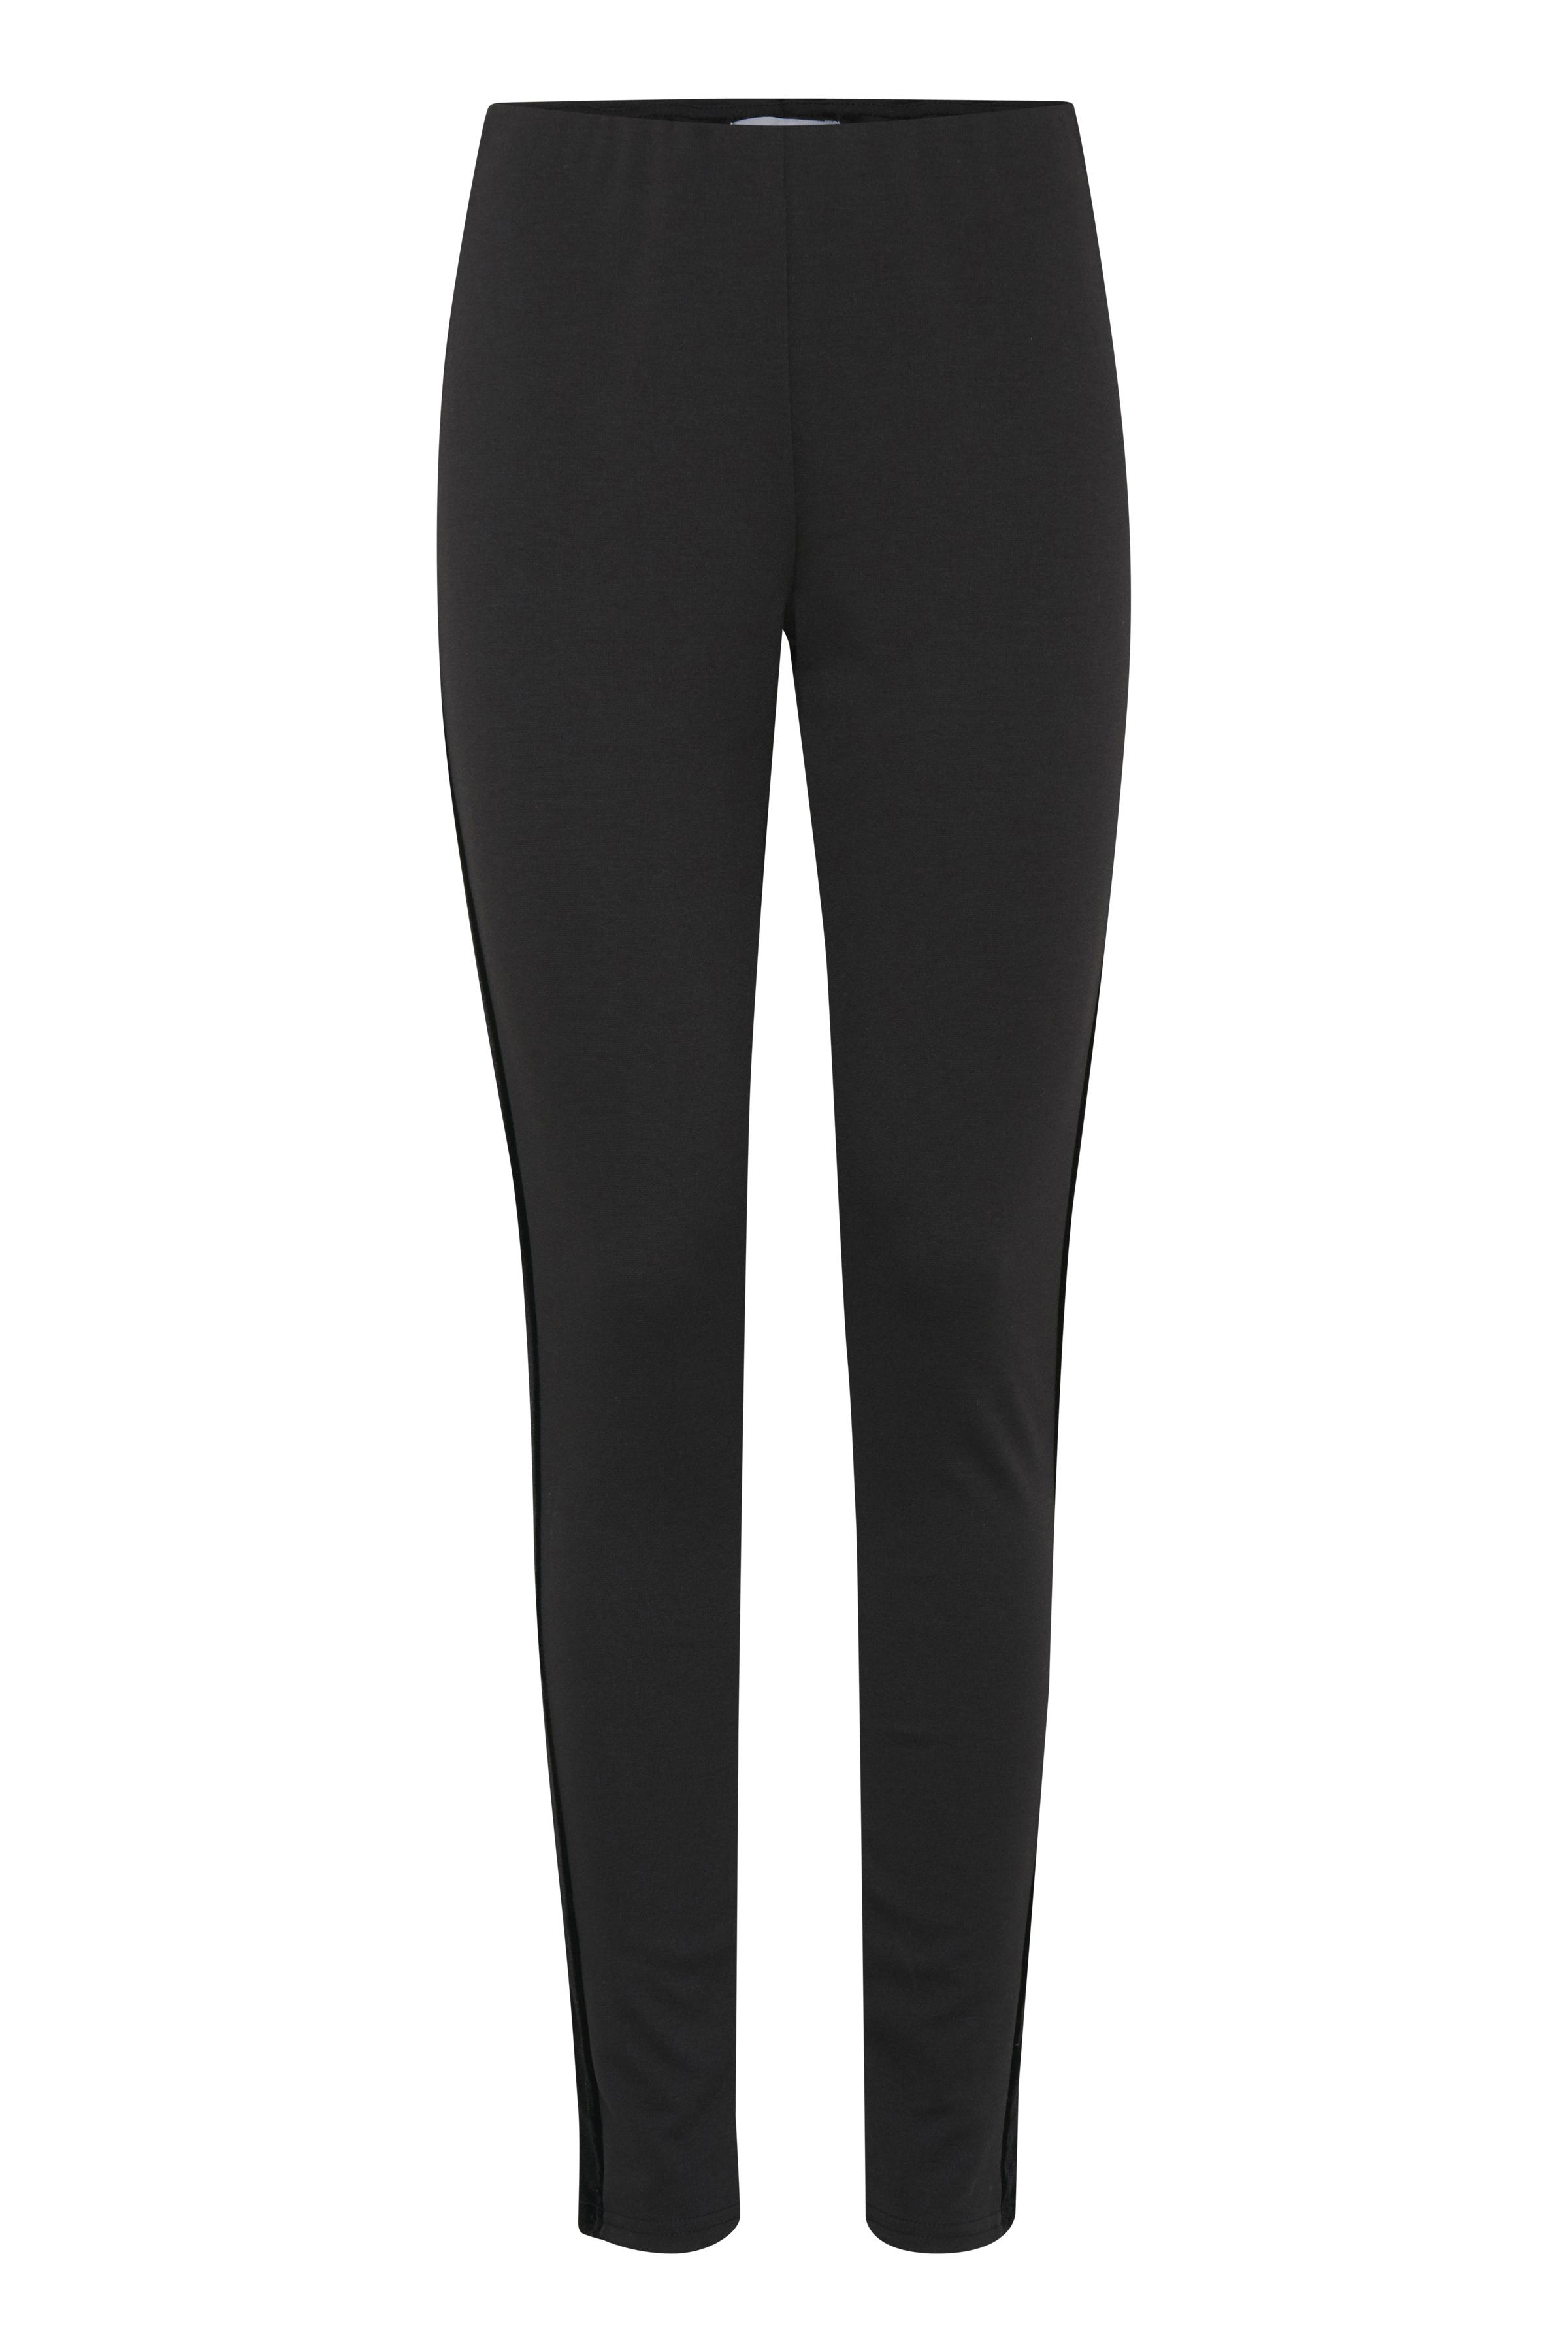 Black Pants Casual från b.young – Köp Black Pants Casual från storlek XS-XXL här